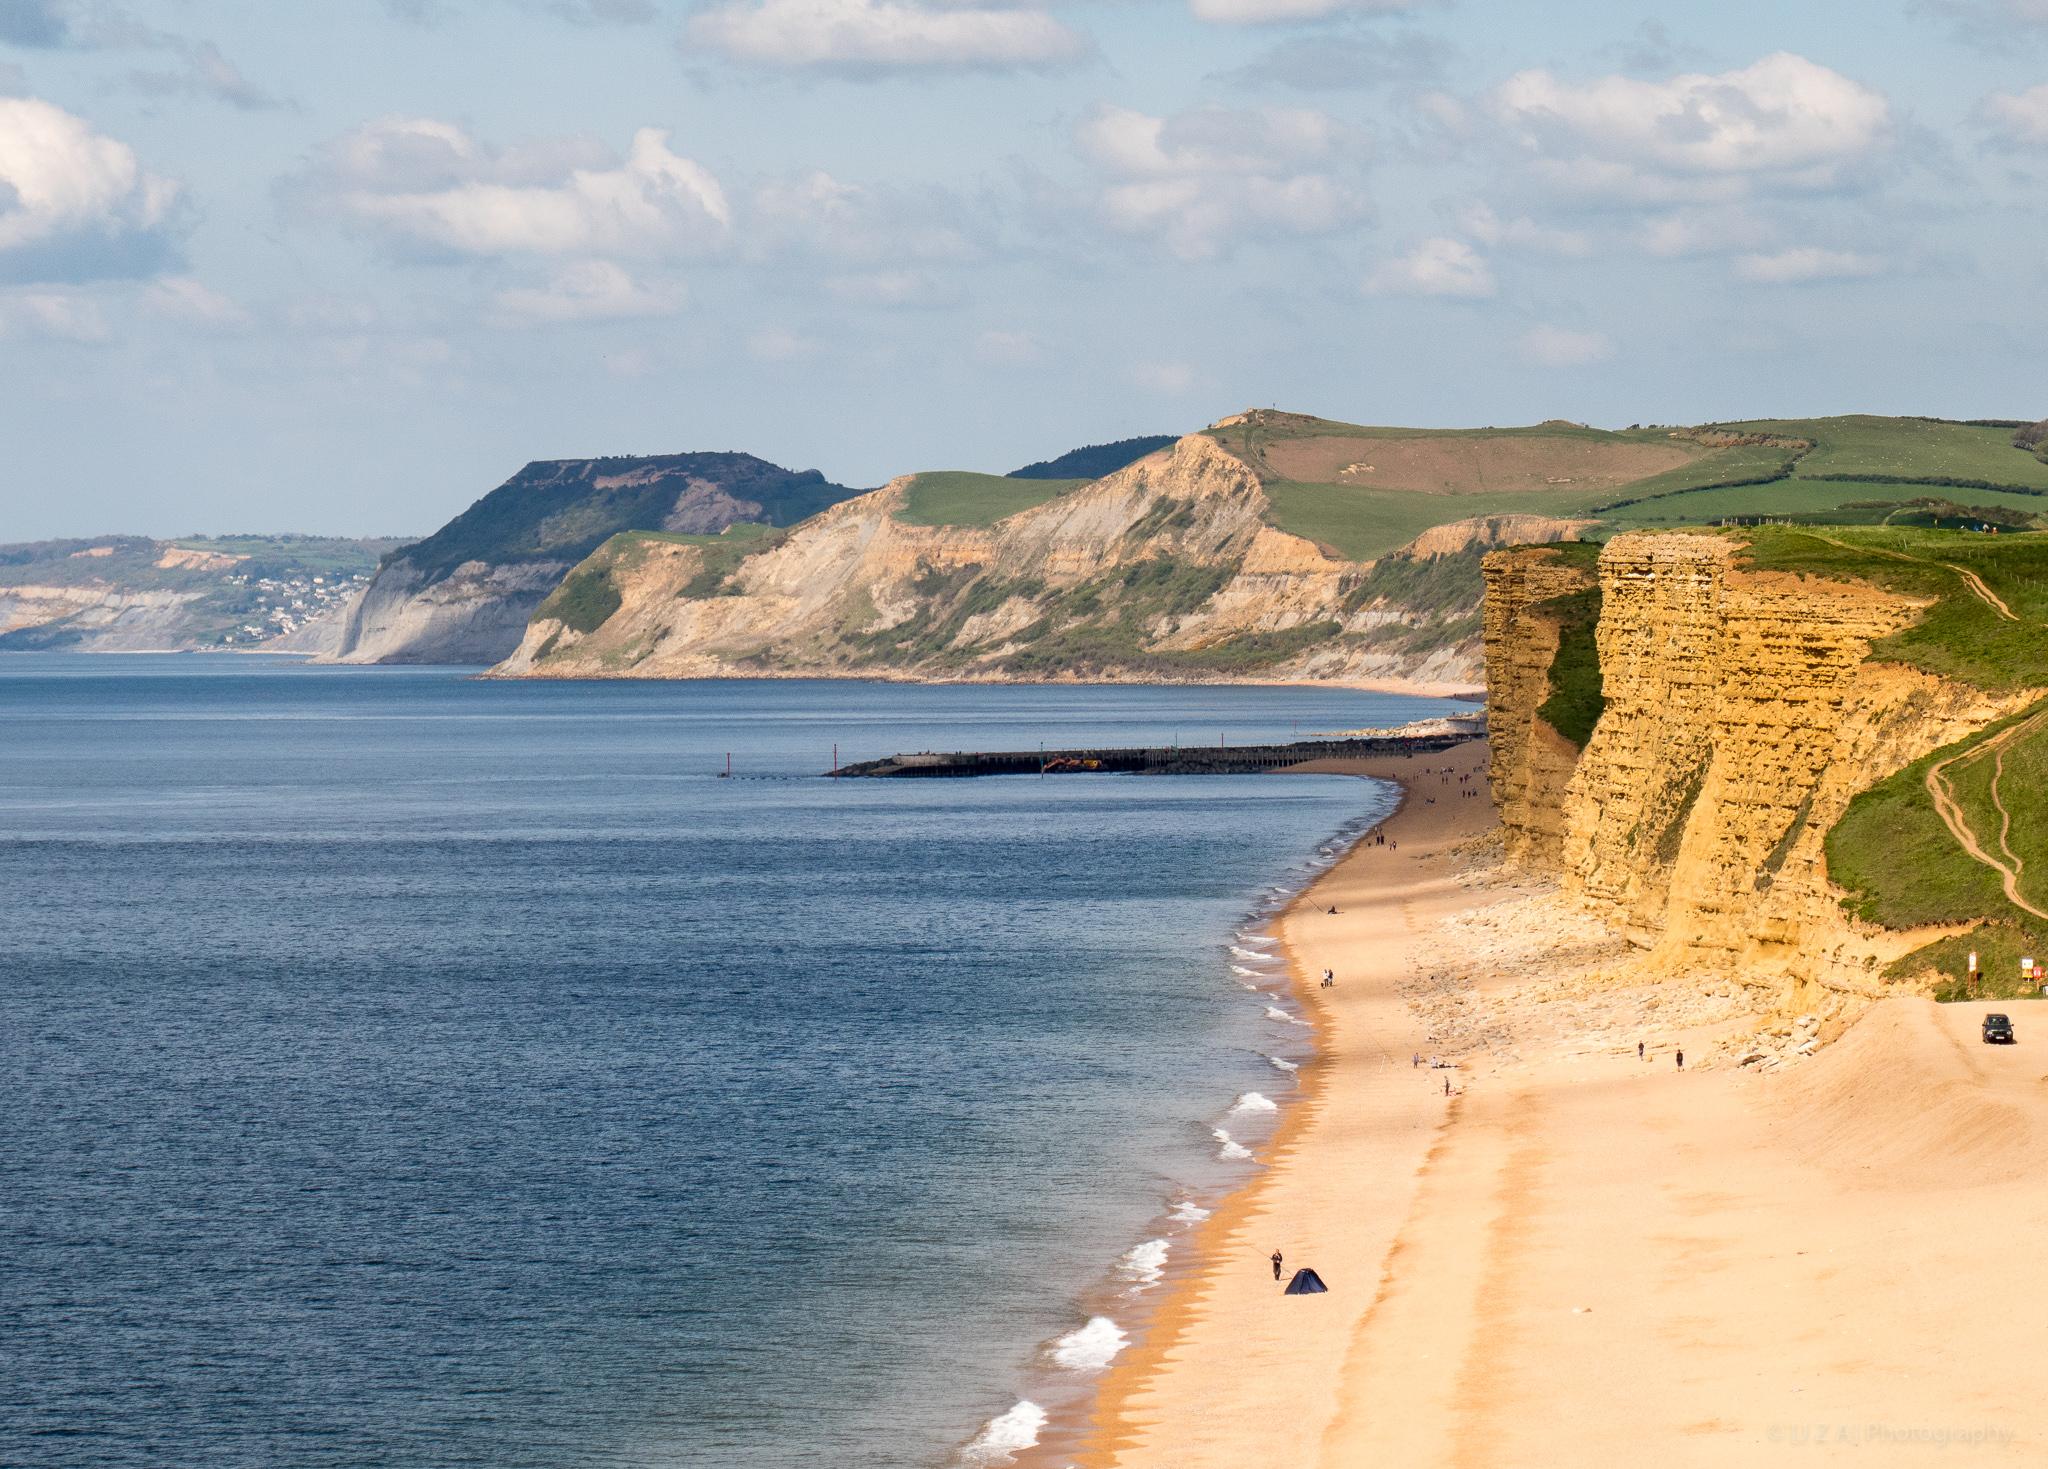 2017, Dorset